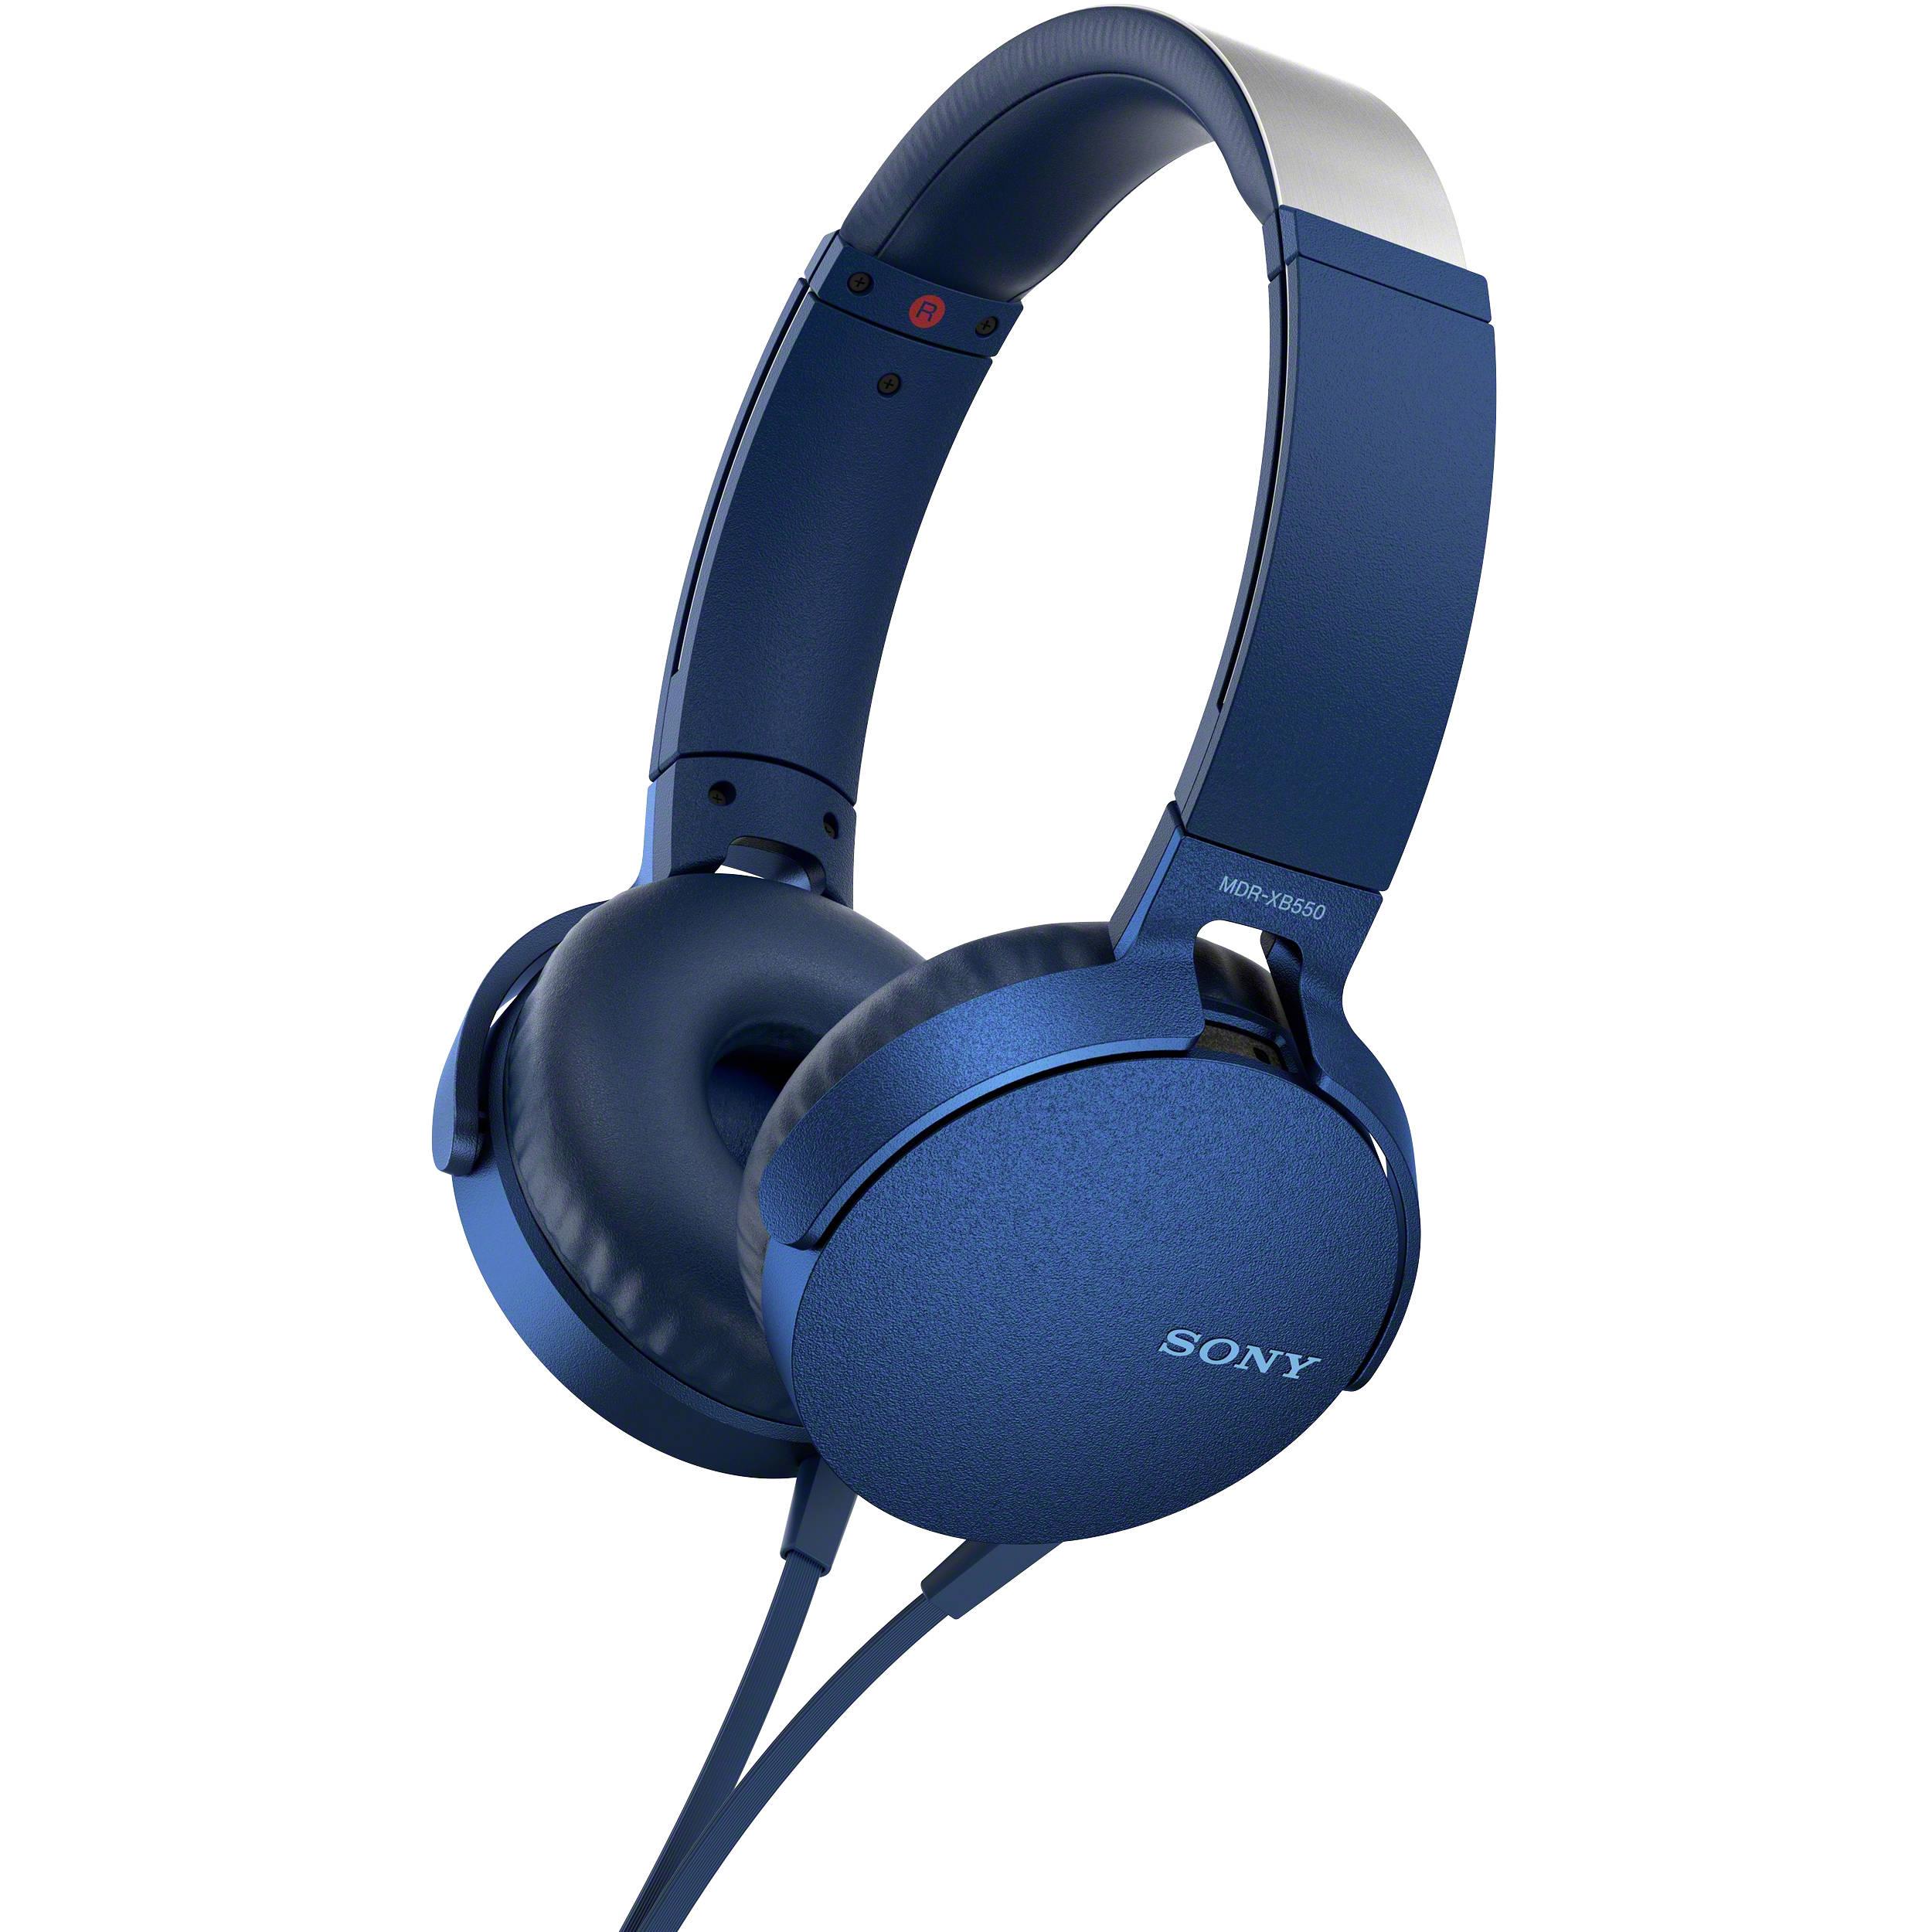 Наушники Sony MDR-XB550AP BlueНаушники и гарнитуры<br>Компания Sony представила новые наушники MDR-XB550AP с функцией EXTRA BASS - теперь музыка стала еще мощнее, громче и басистее.<br><br>Технология EXTRA BASS усиливает глубину и выразительность звука на низких частотах. Это значит, что вы сможете окунуться в мощное звучание и прочувствовать каждый бит. Диапазон воспроизводимых частот - 5 Гц – 22000 Гц.<br><br>Наушники представлены в пяти цветах – черный, красный, синий, зеленый и белый. Выглядят они очень круто и явно смогут дополнить ваш собственный стиль. Также вы сможете наслаждаться длительным комфортным прослушиванием ...<br><br>Тип: гарнитура<br>Тип акустического оформления: Открытые<br>Вид наушников: Накладные<br>Тип подключения: Проводные<br>Номинальная мощность мВт: 102<br>Диапазон воспроизводимых частот, Гц: 5 - 22000<br>Сопротивление, Импеданс: 24 Ом<br>Чувствительность дБ: 102<br>Микрофон: есть